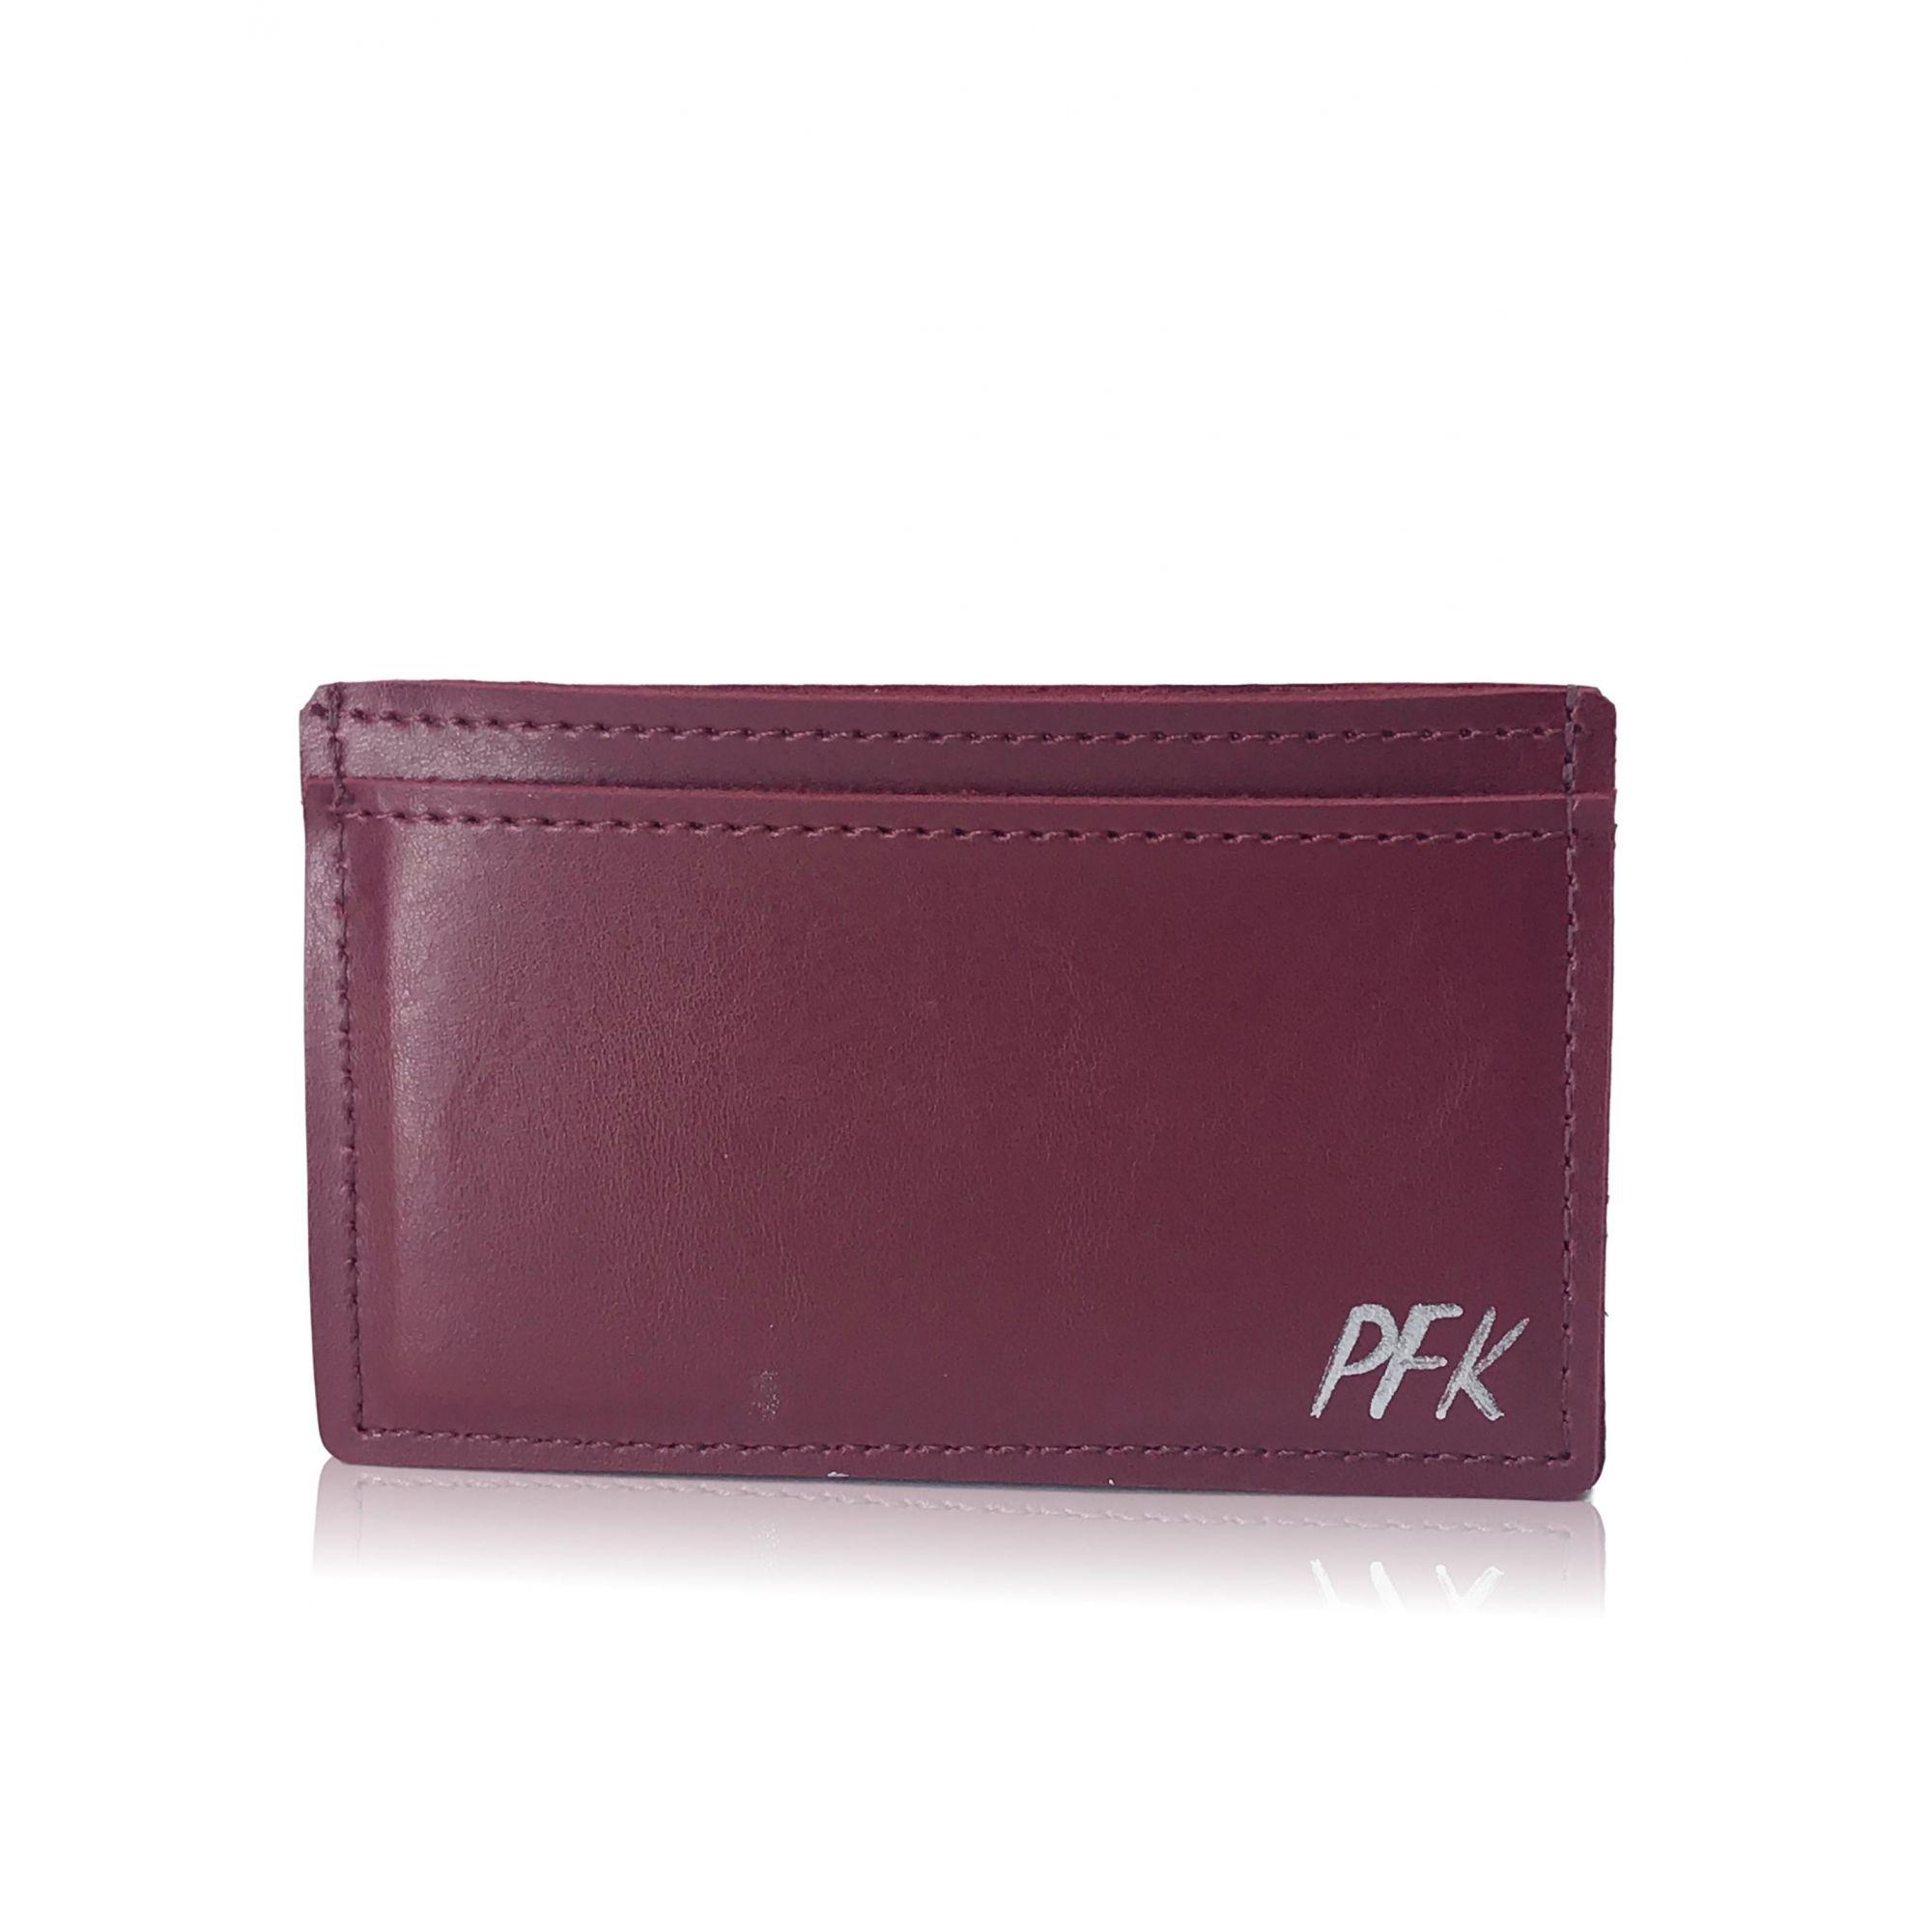 Card Hold Paula Frank Star